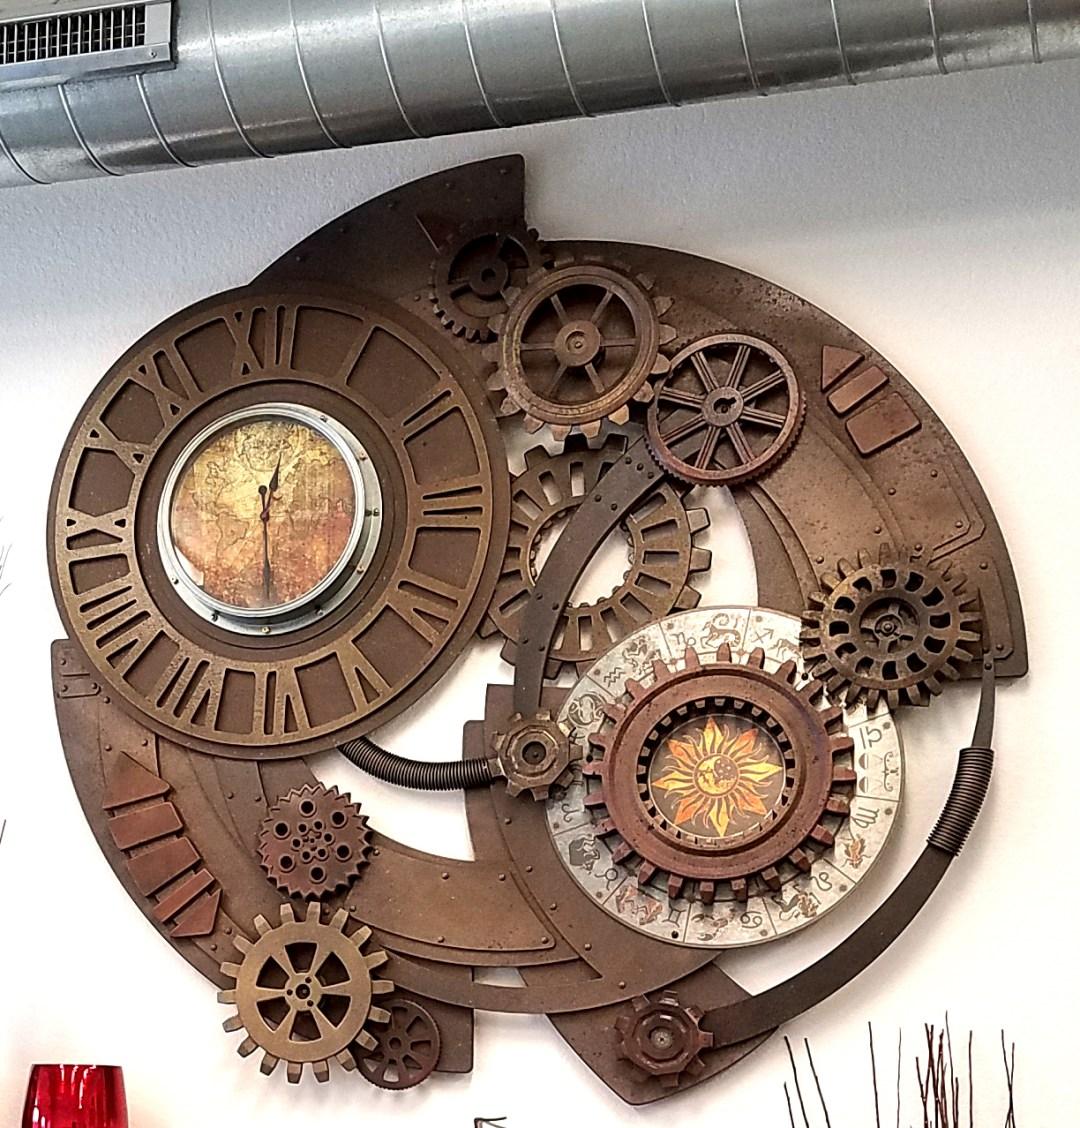 Sculpted Foam Steam Punk Oversized Clock